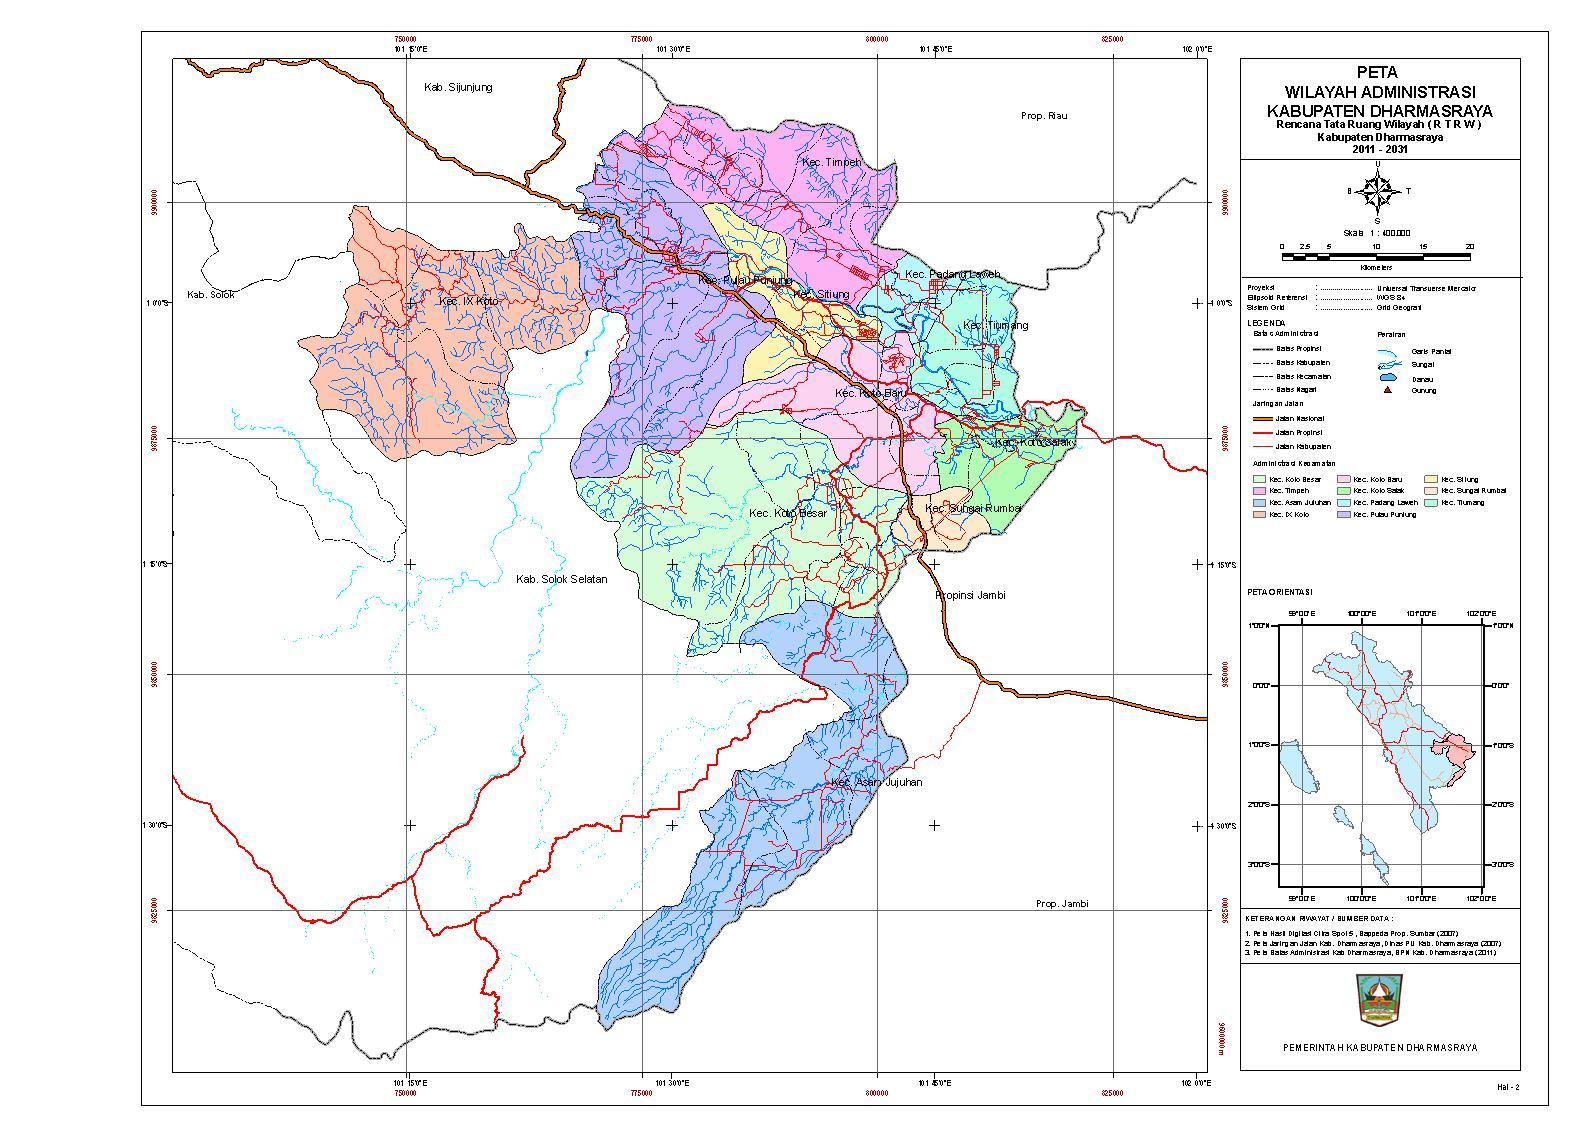 Peta Administrasi Kabupaten Dharmasraya